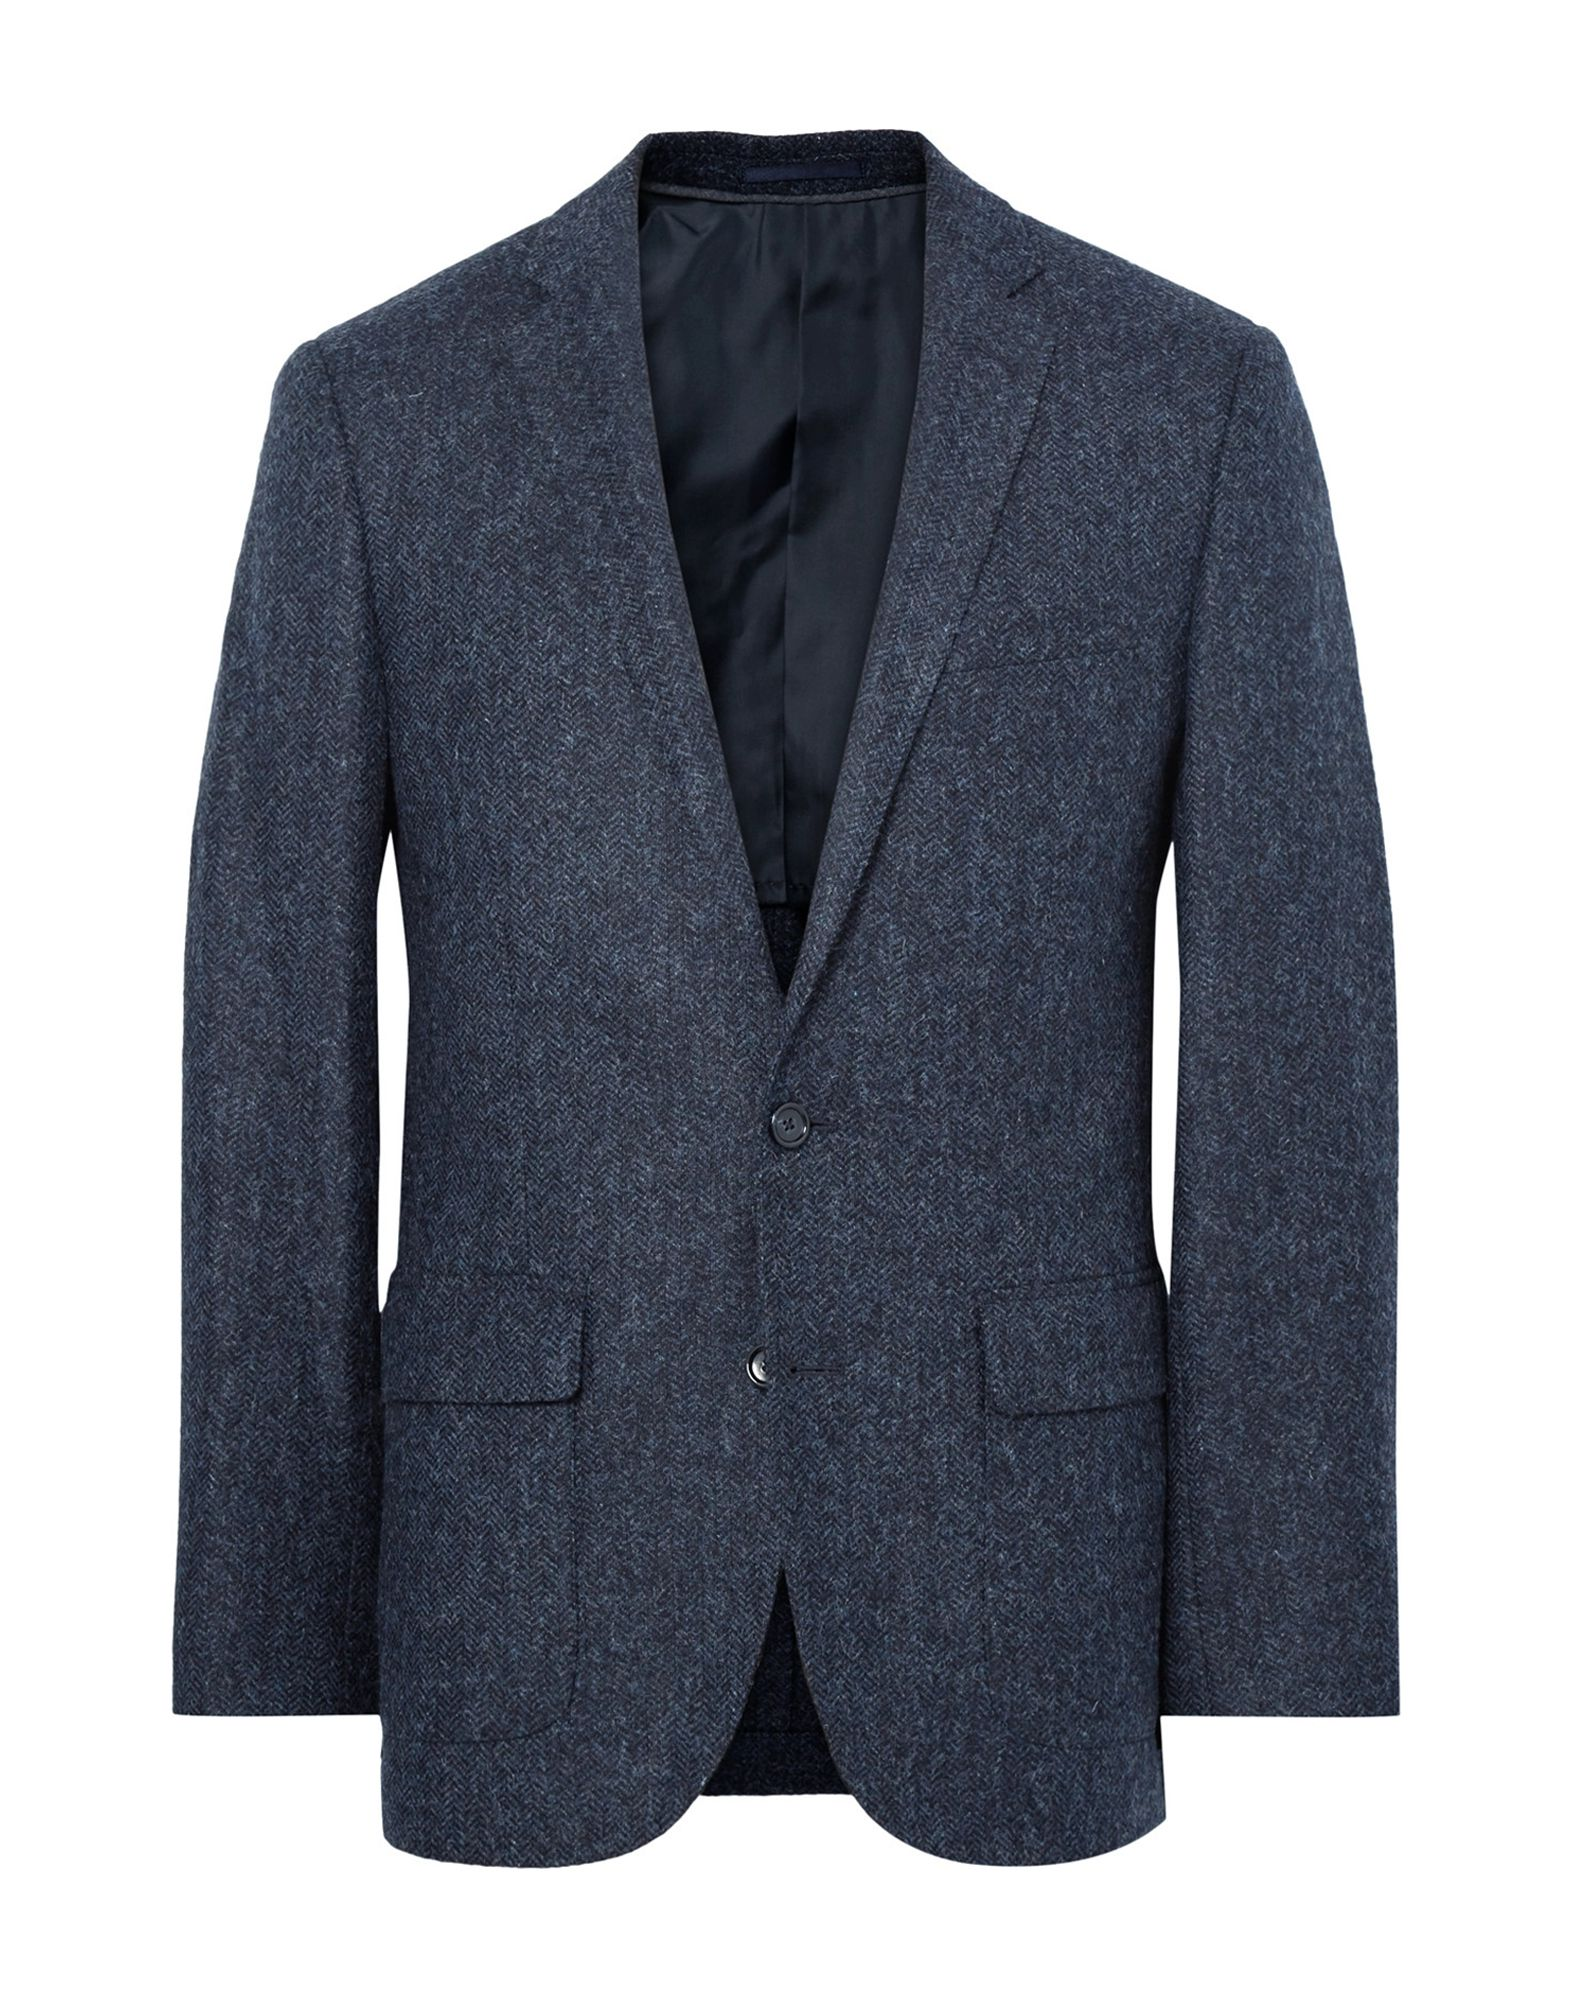 《送料無料》J.CREW メンズ テーラードジャケット ダークブルー 44 R ウール 55% / コットン 45%